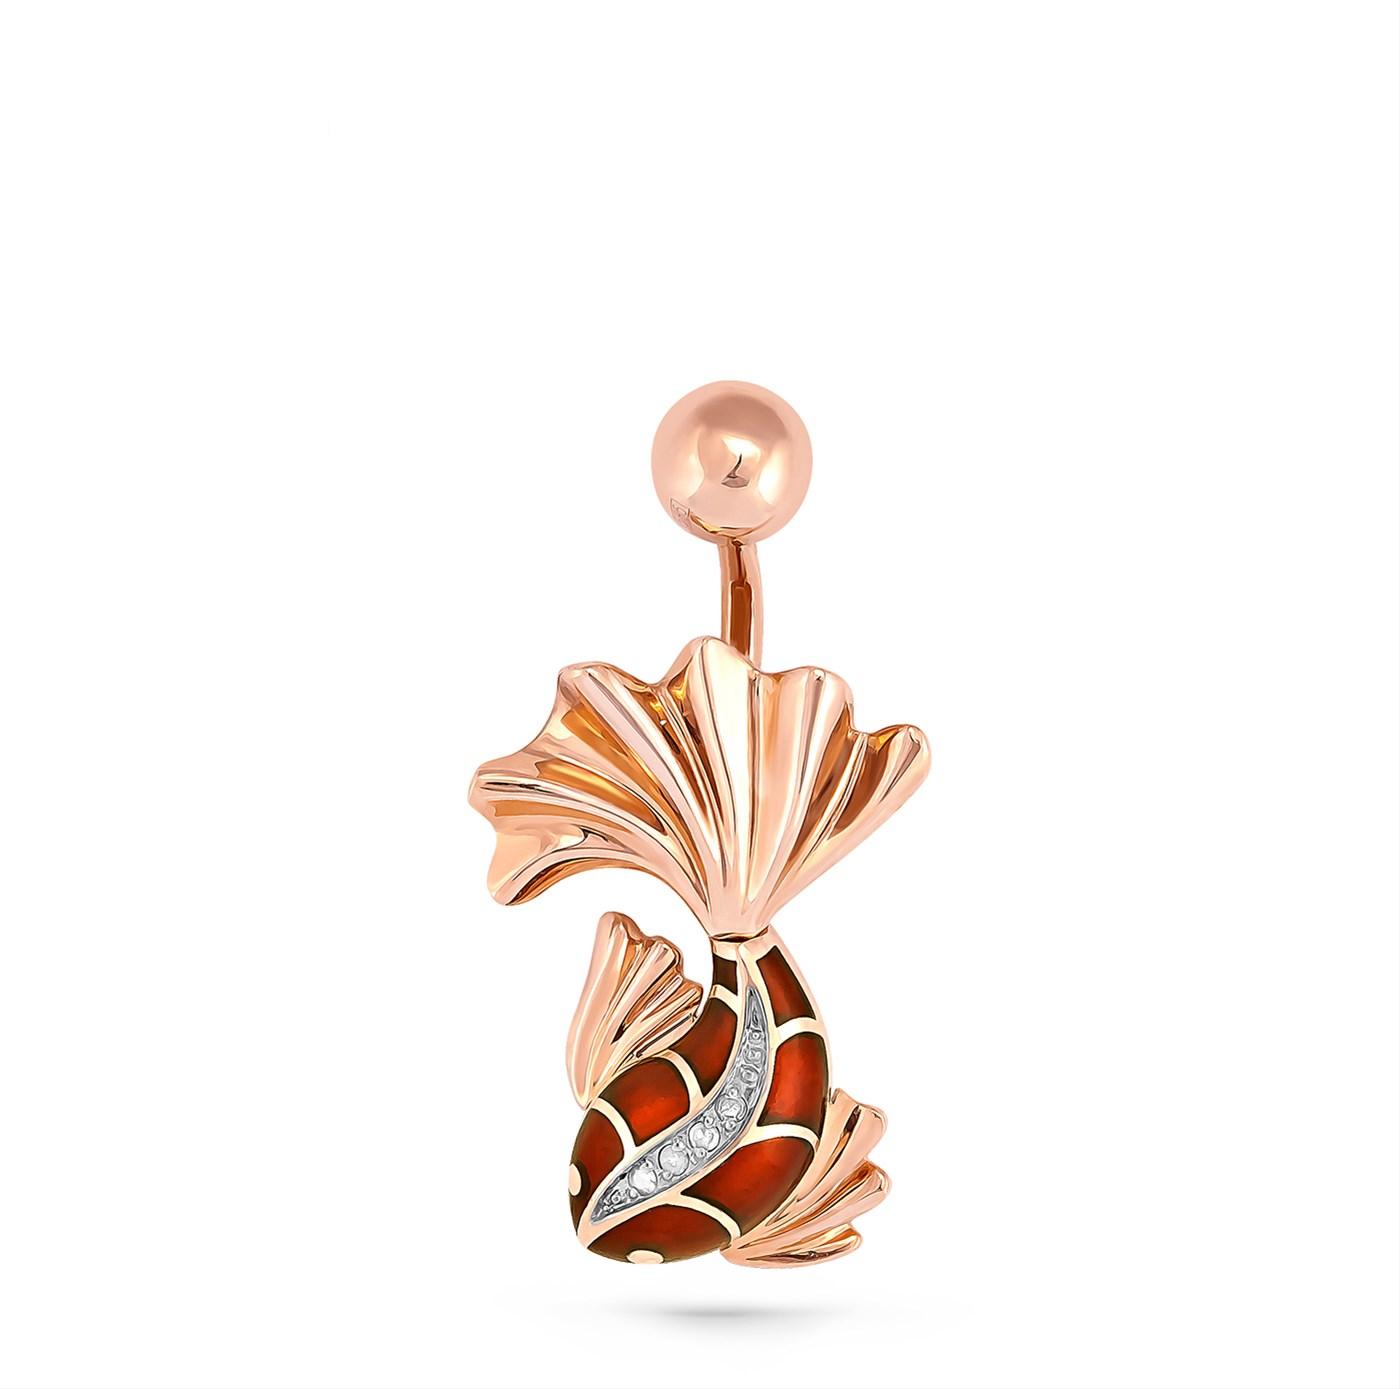 Золотой пирсинг с бриллиантом арт. 9-0005-1014 9-0005-1014